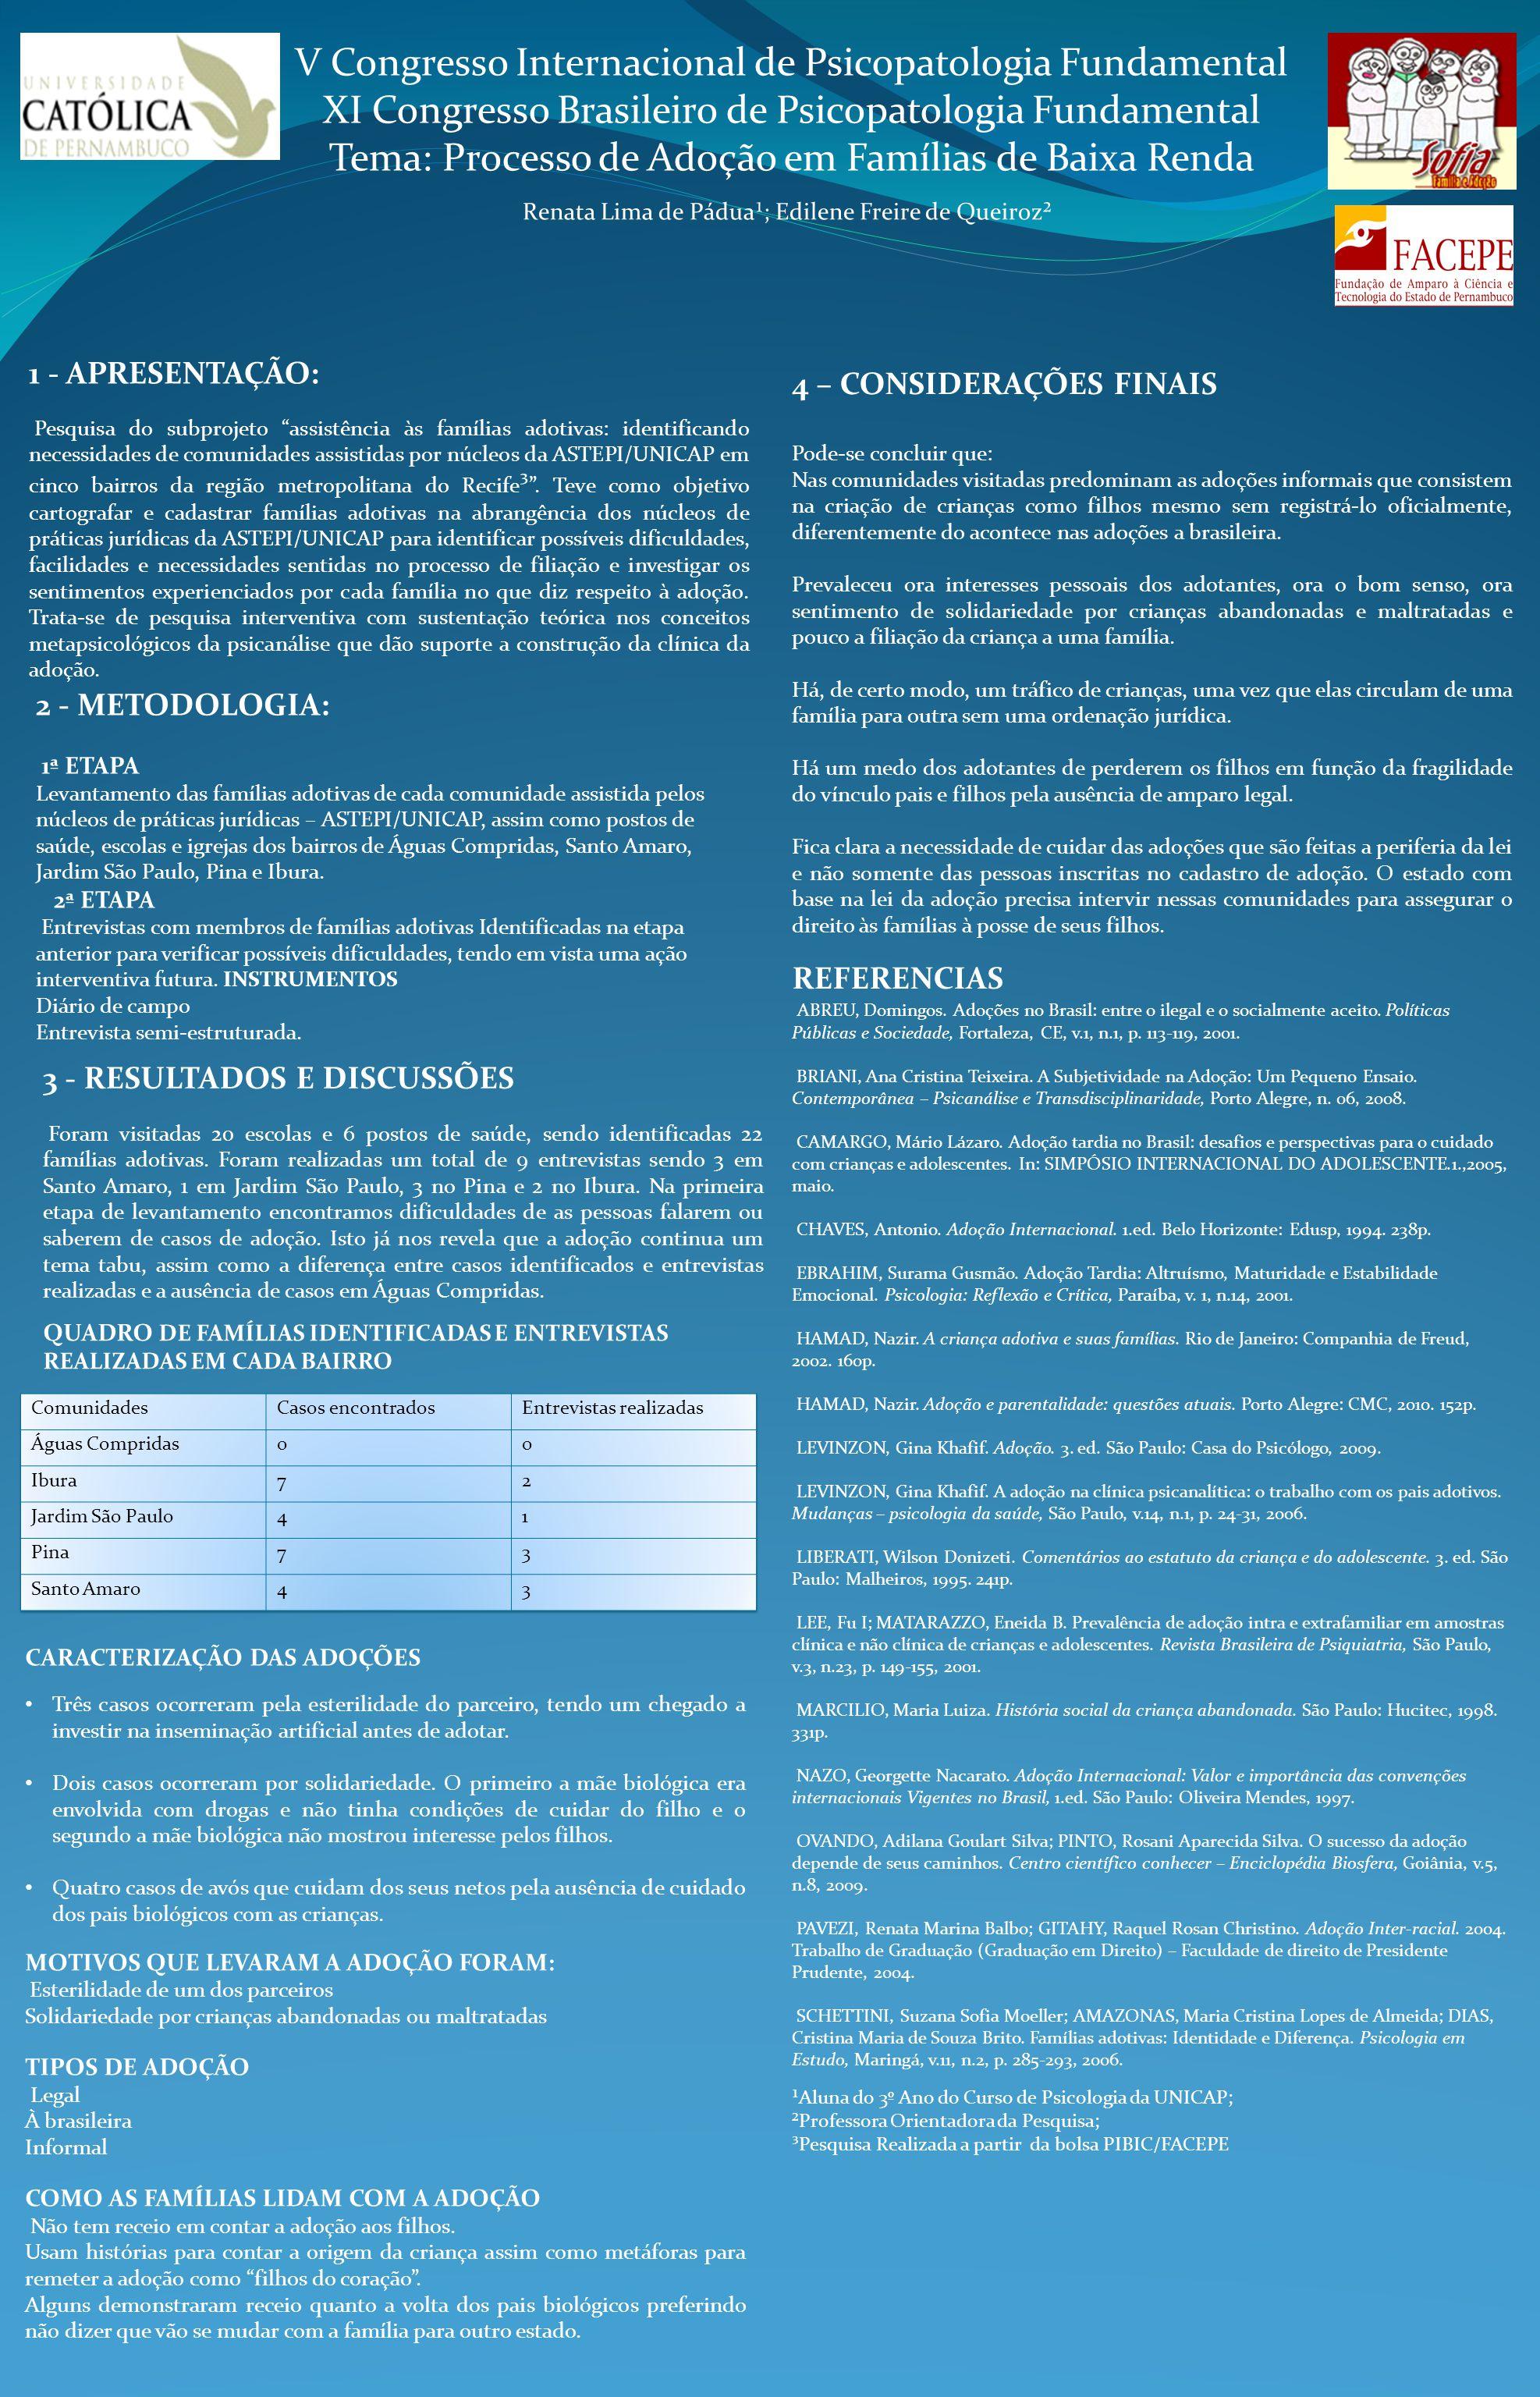 1 - APRESENTAÇÃO: Pesquisa do subprojeto assistência às famílias adotivas: identificando necessidades de comunidades assistidas por núcleos da ASTEPI/